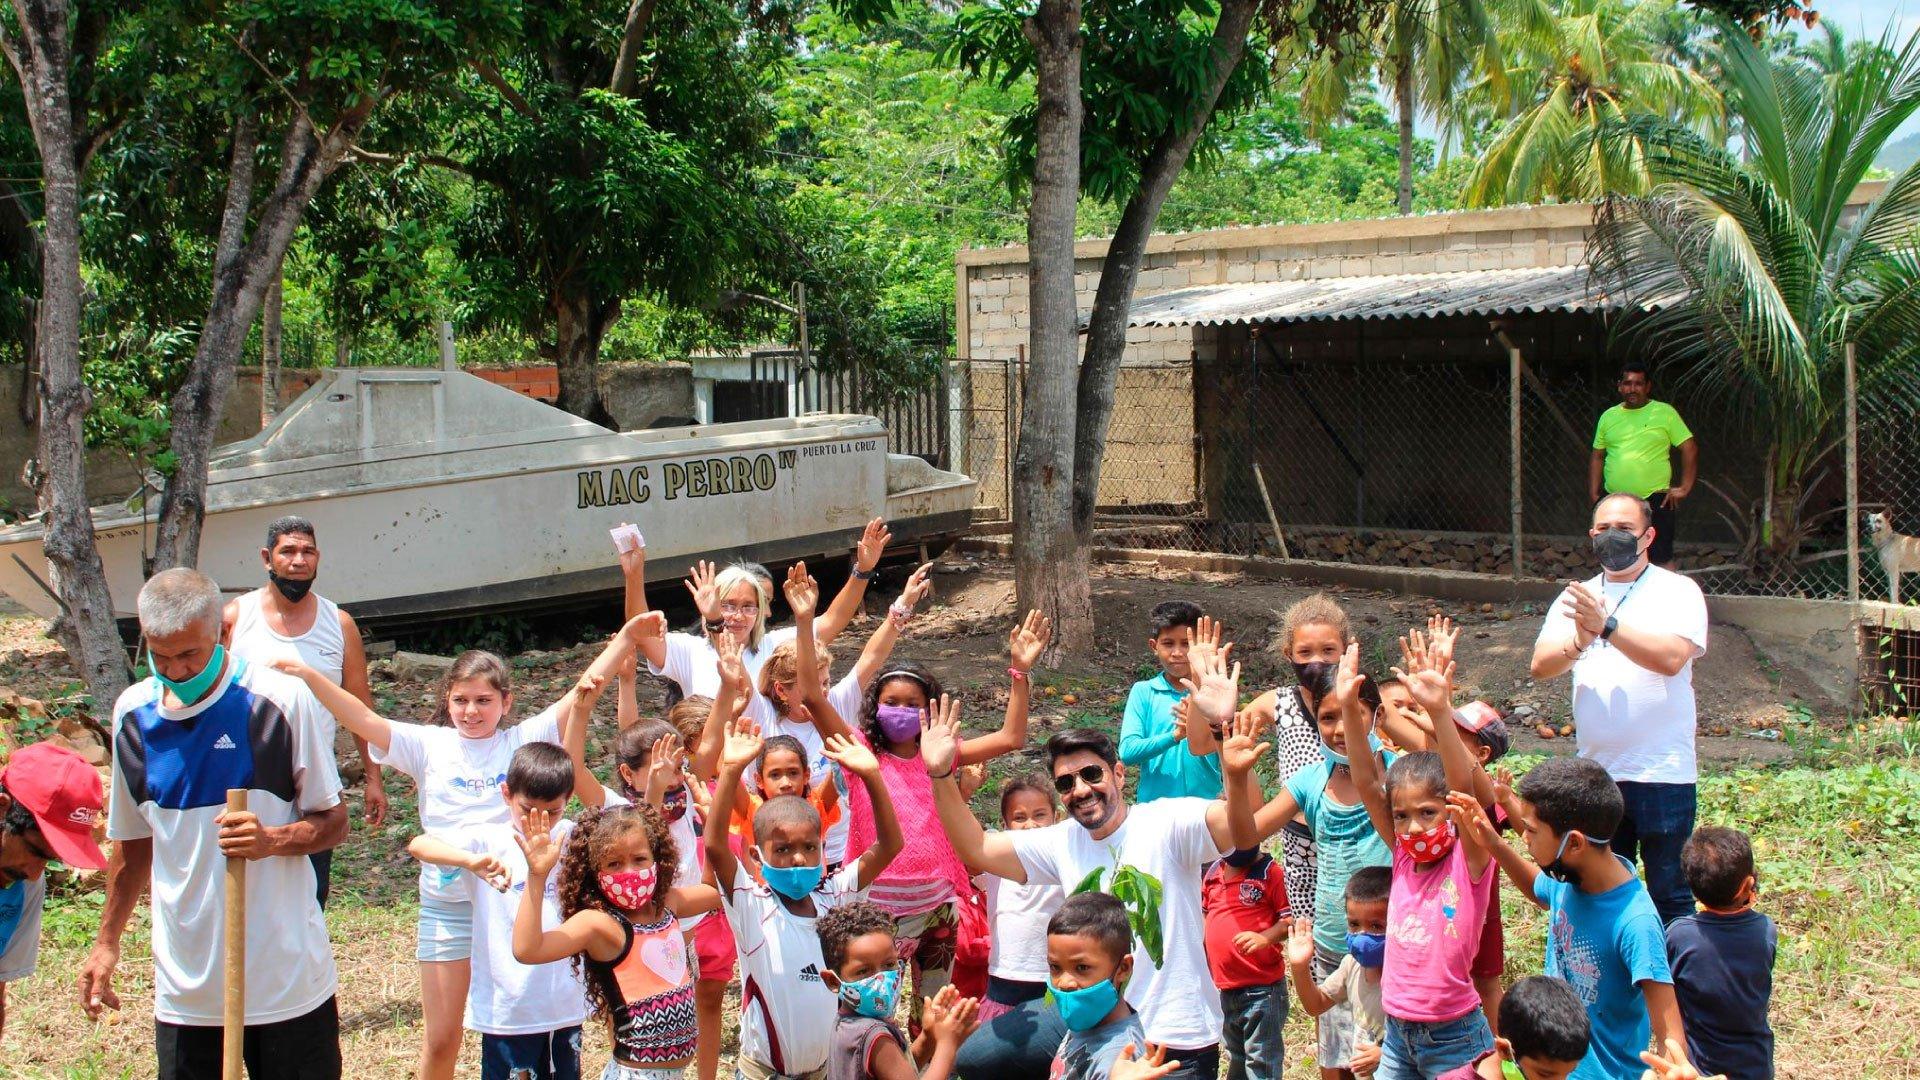 203342754 220933339857457 8929201015135964274 n - ¿Quieres saber cómo ser beneficiario de Fundación Alma Amiga?